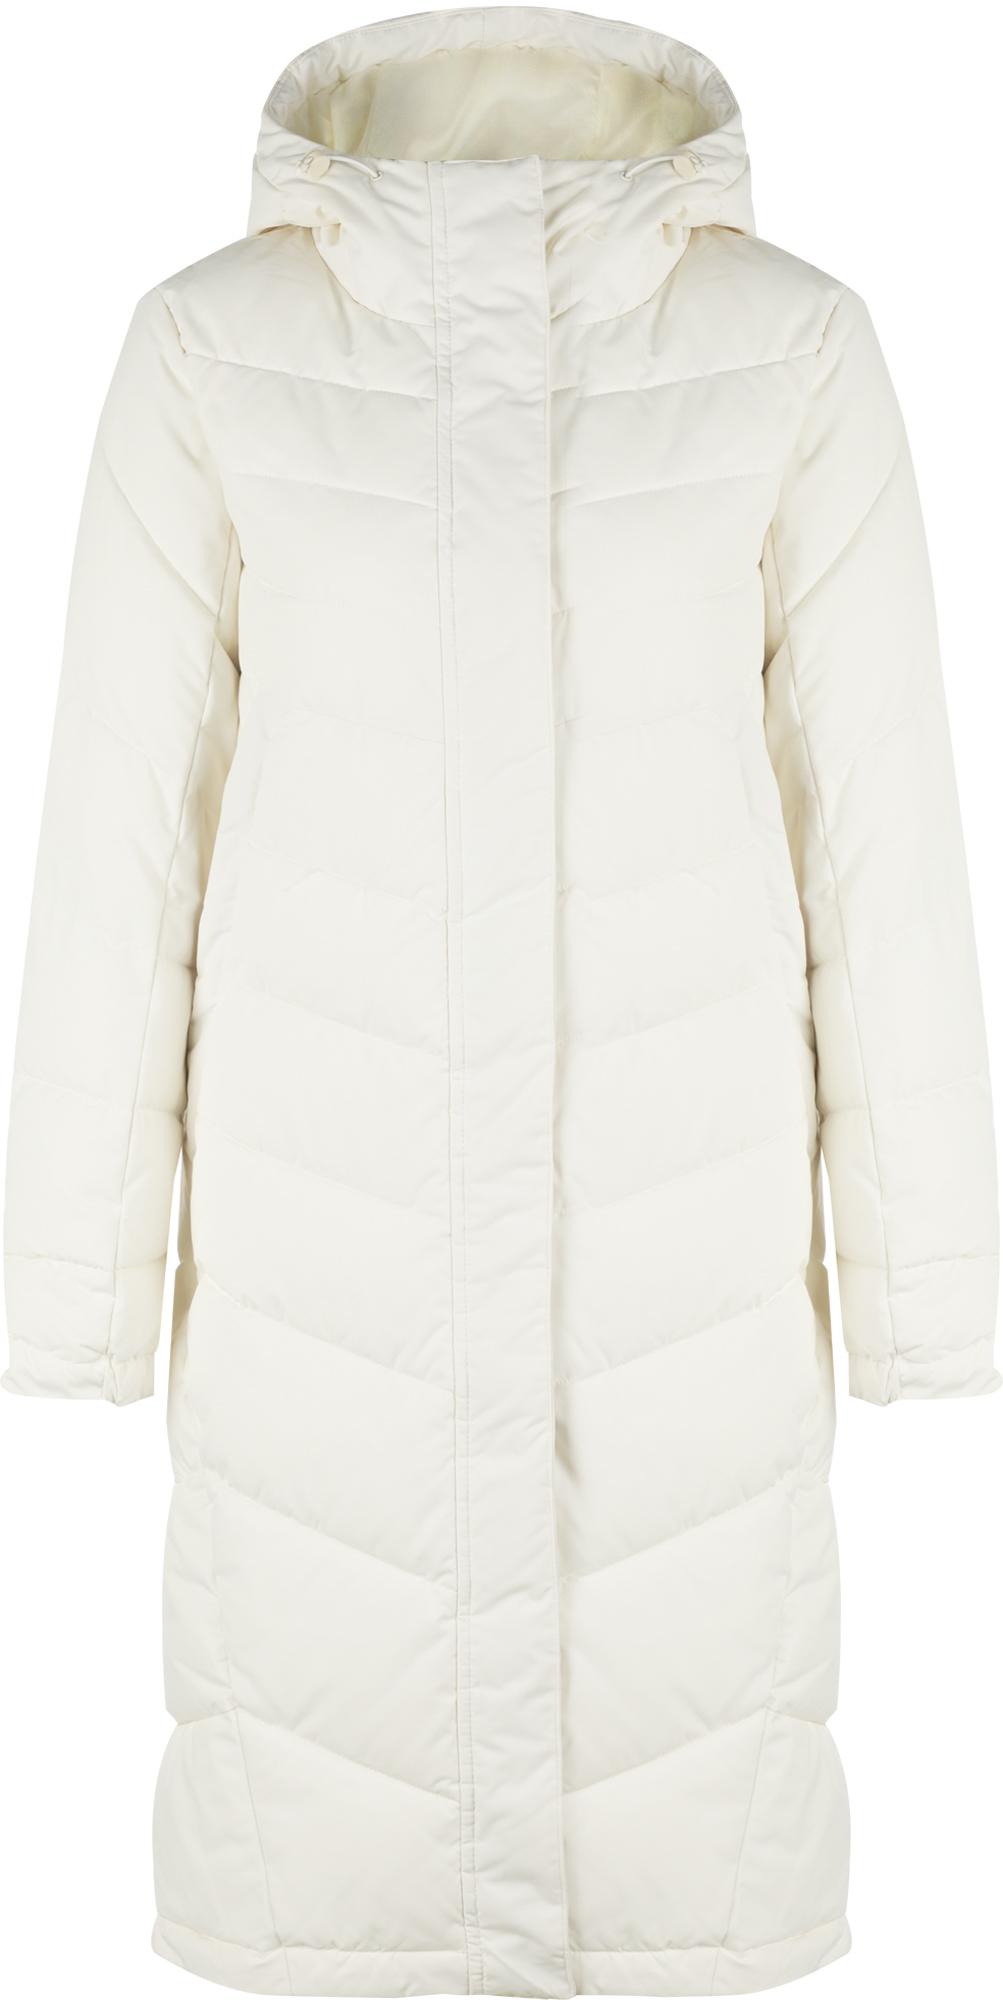 Demix Куртка утепленная женская Demix, размер 50